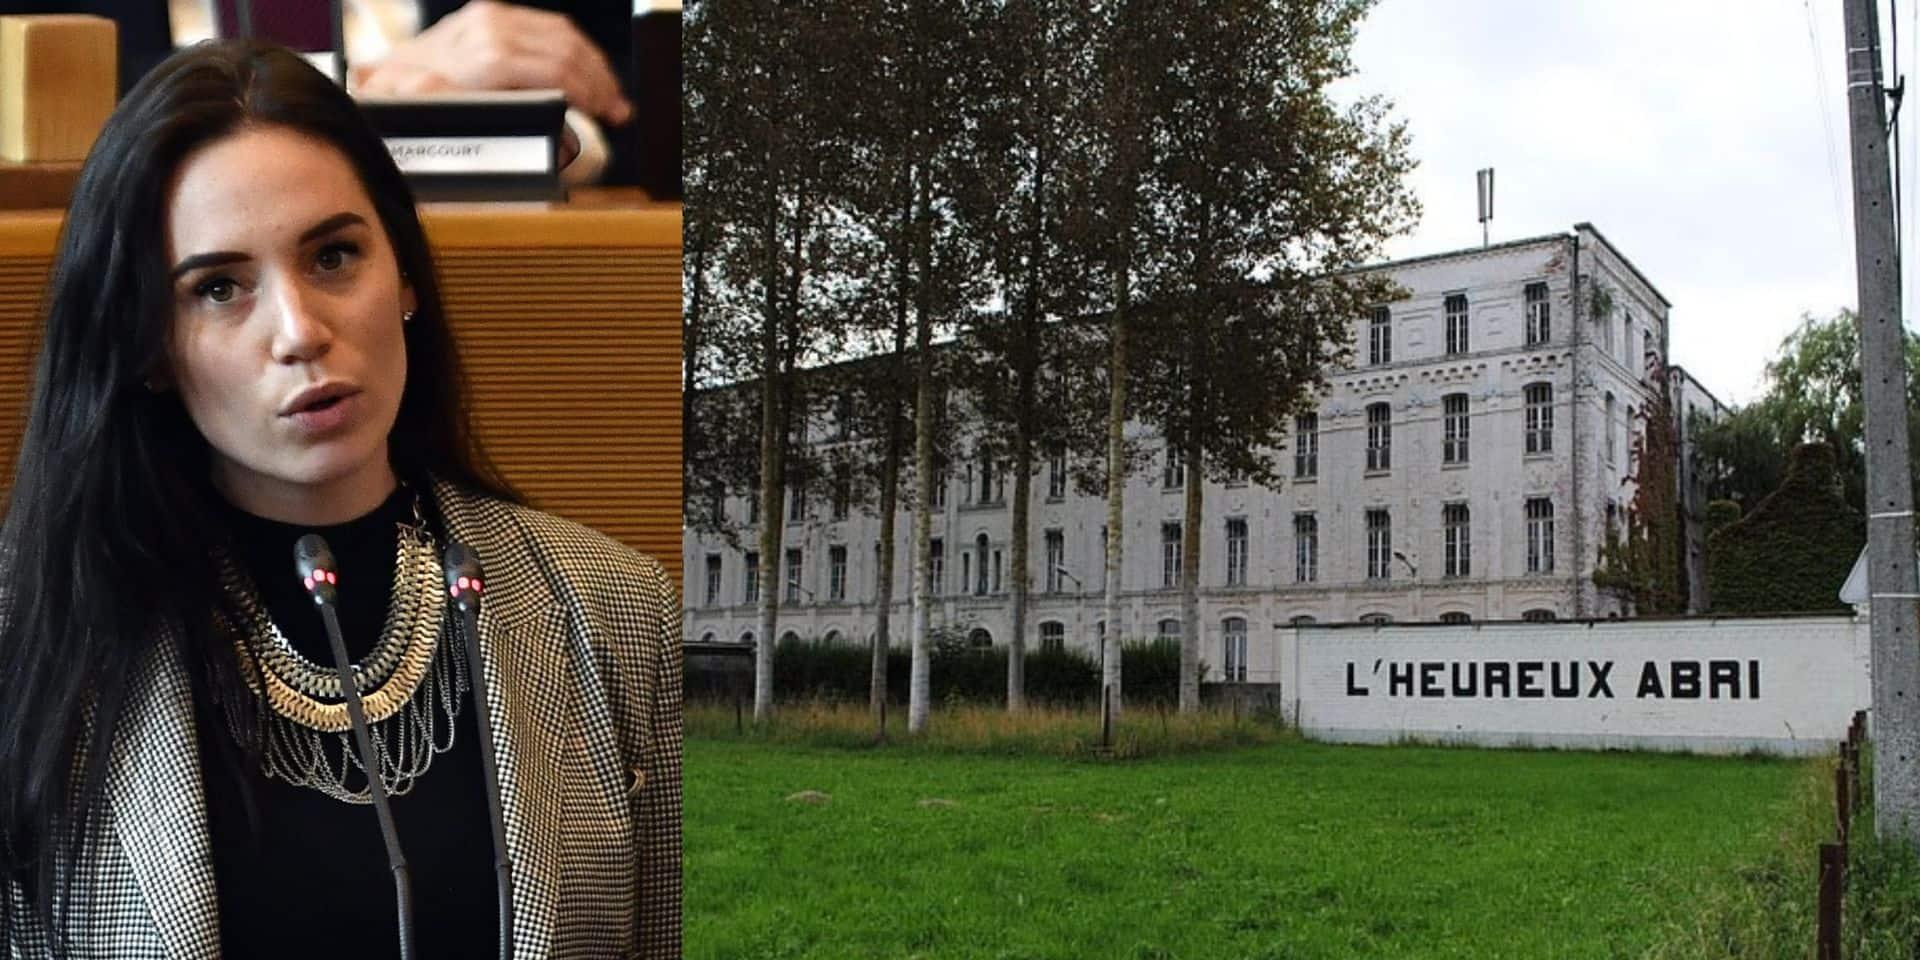 (à gauche) Rachel Sobry, qui doit interroger la directrice qui a démissionné. (à droite) l'école où a eu lieu les fraudes.